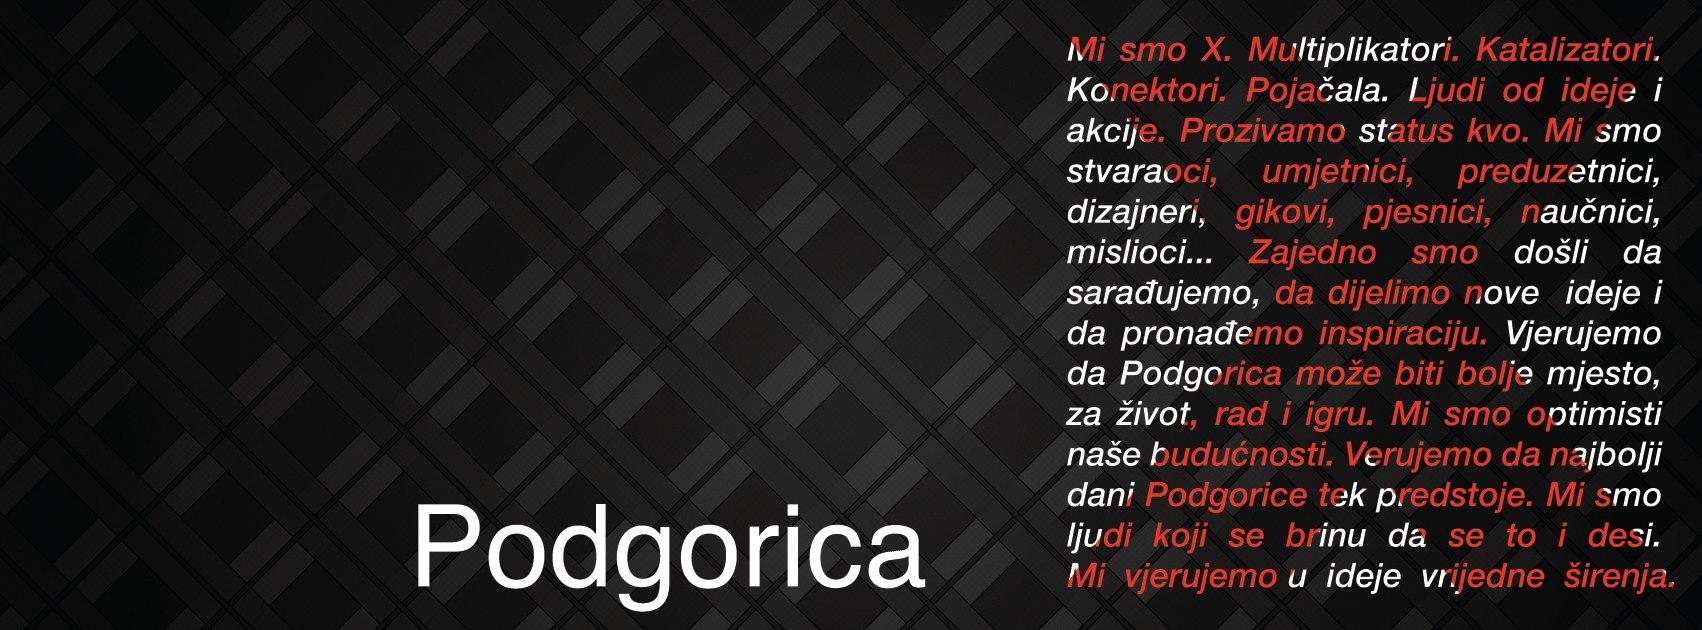 TedX srpski